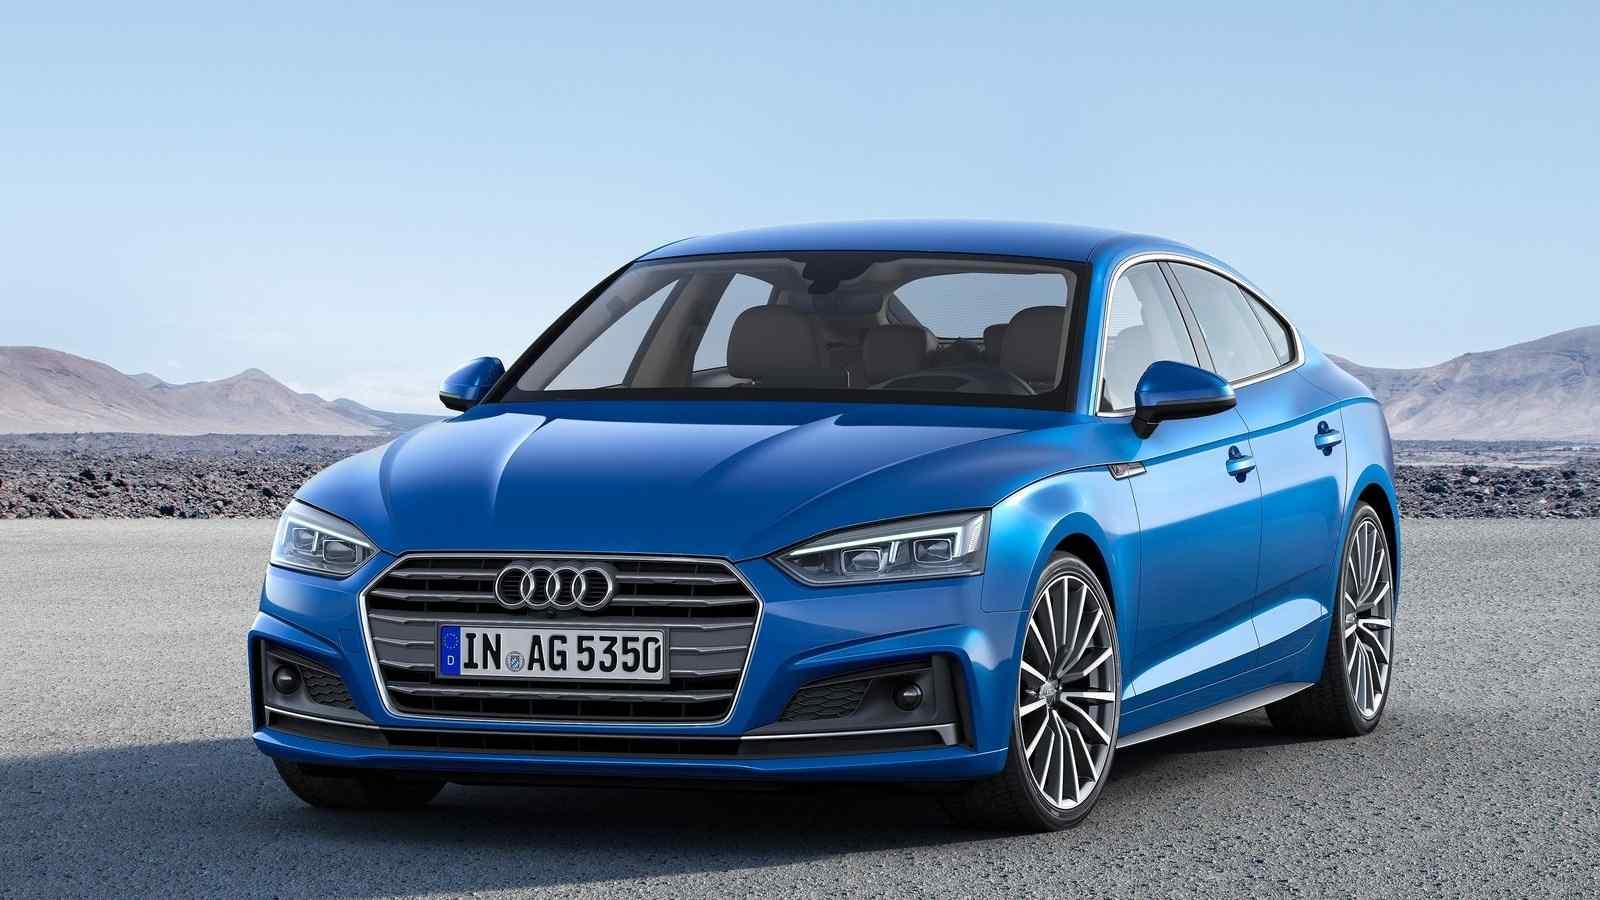 奥迪A5蓝色时尚汽车图片桌面壁纸高清图片